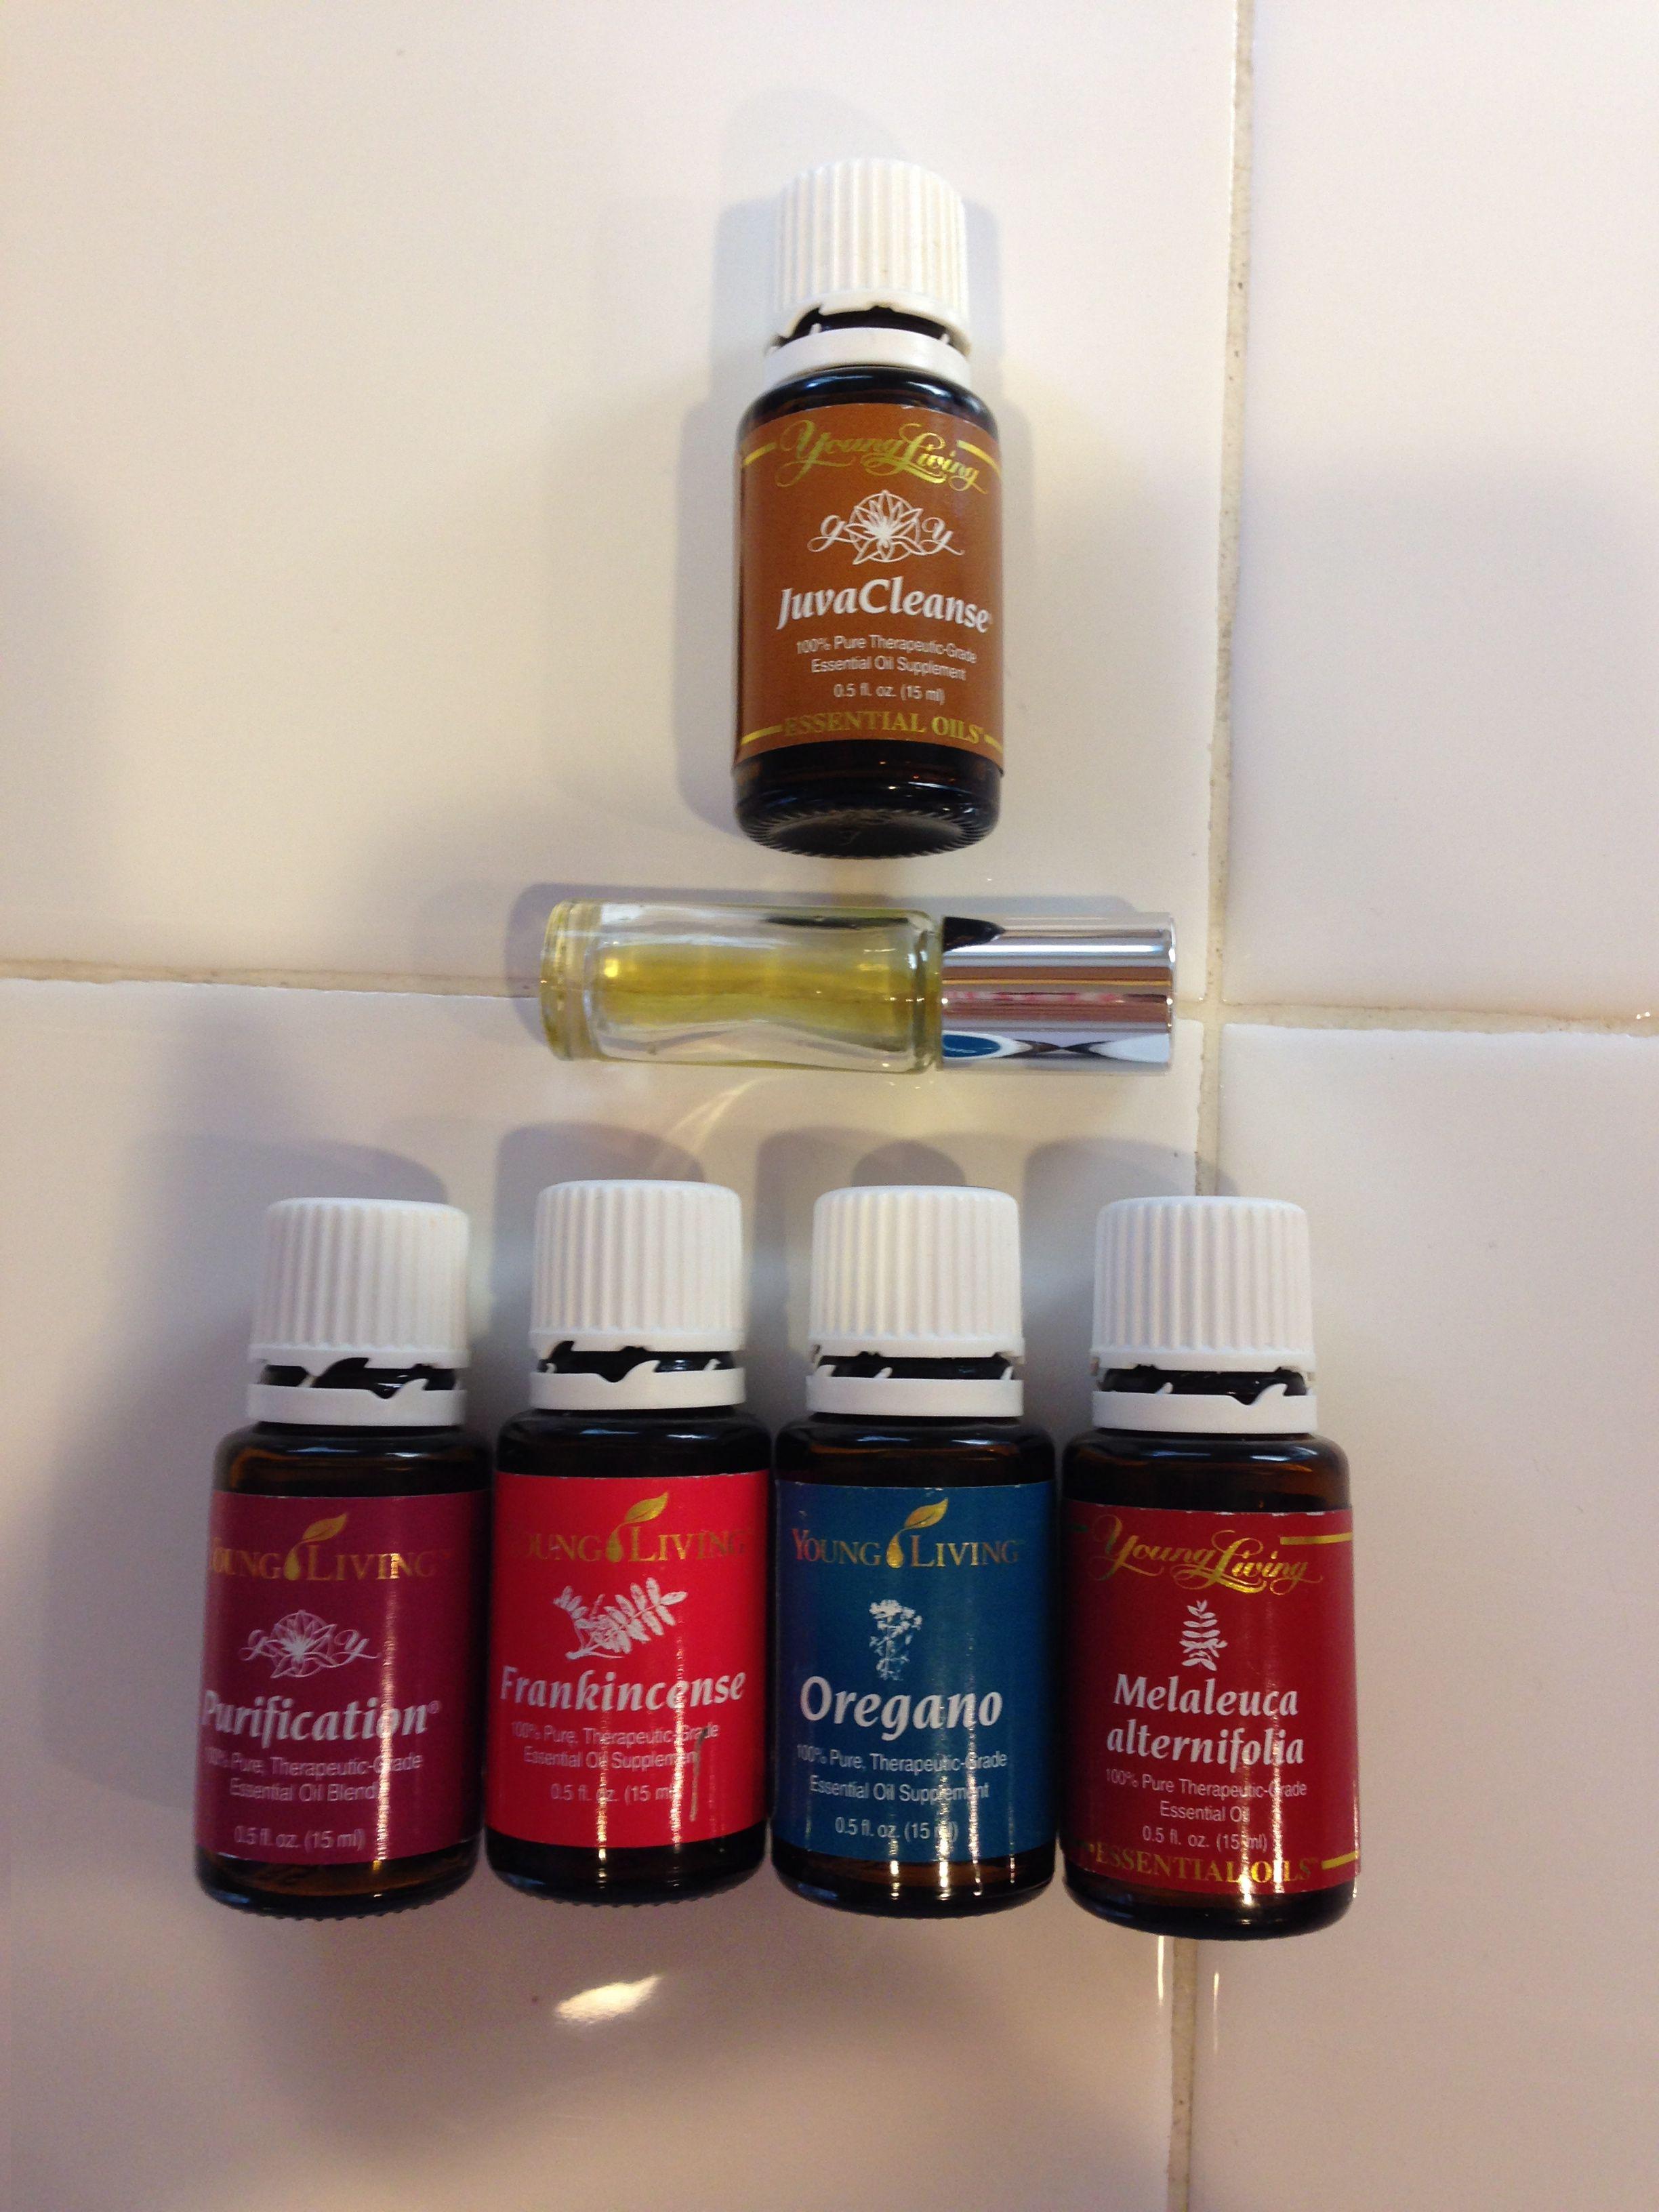 Oregano oil for molluscum contagiosum